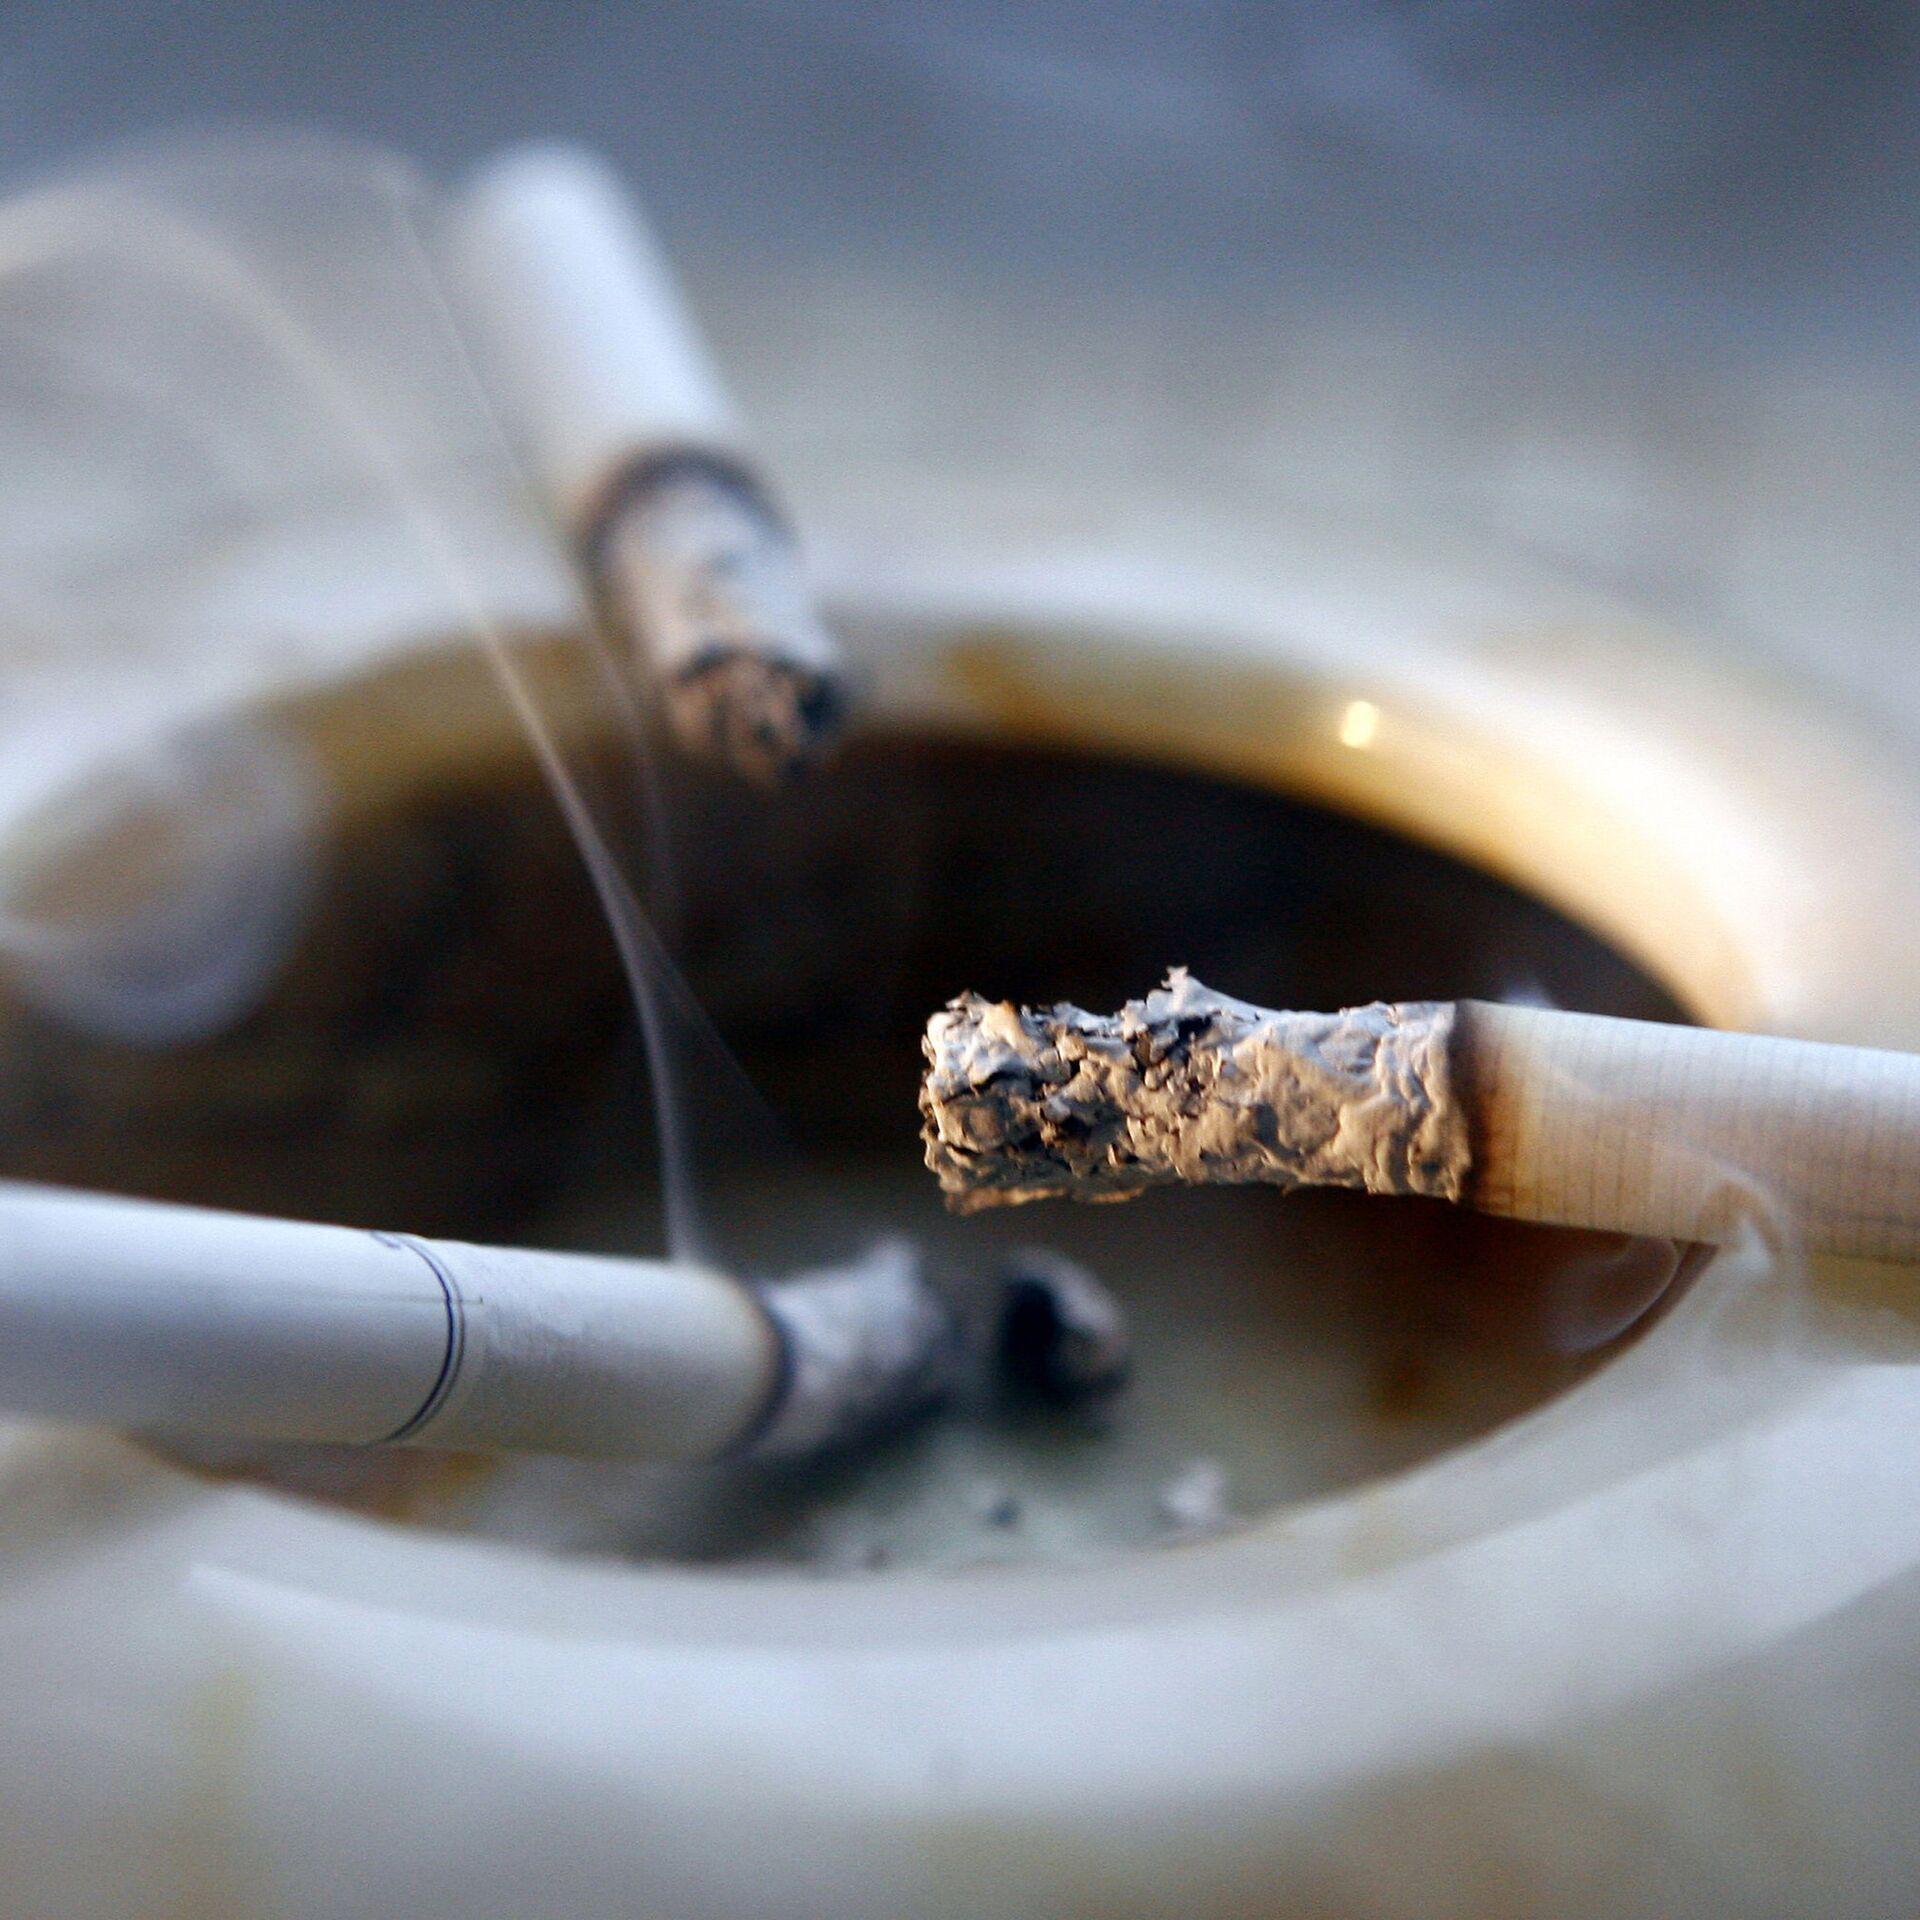 Сигареты оптом кемерово прайс сайт сигареты оптом рф